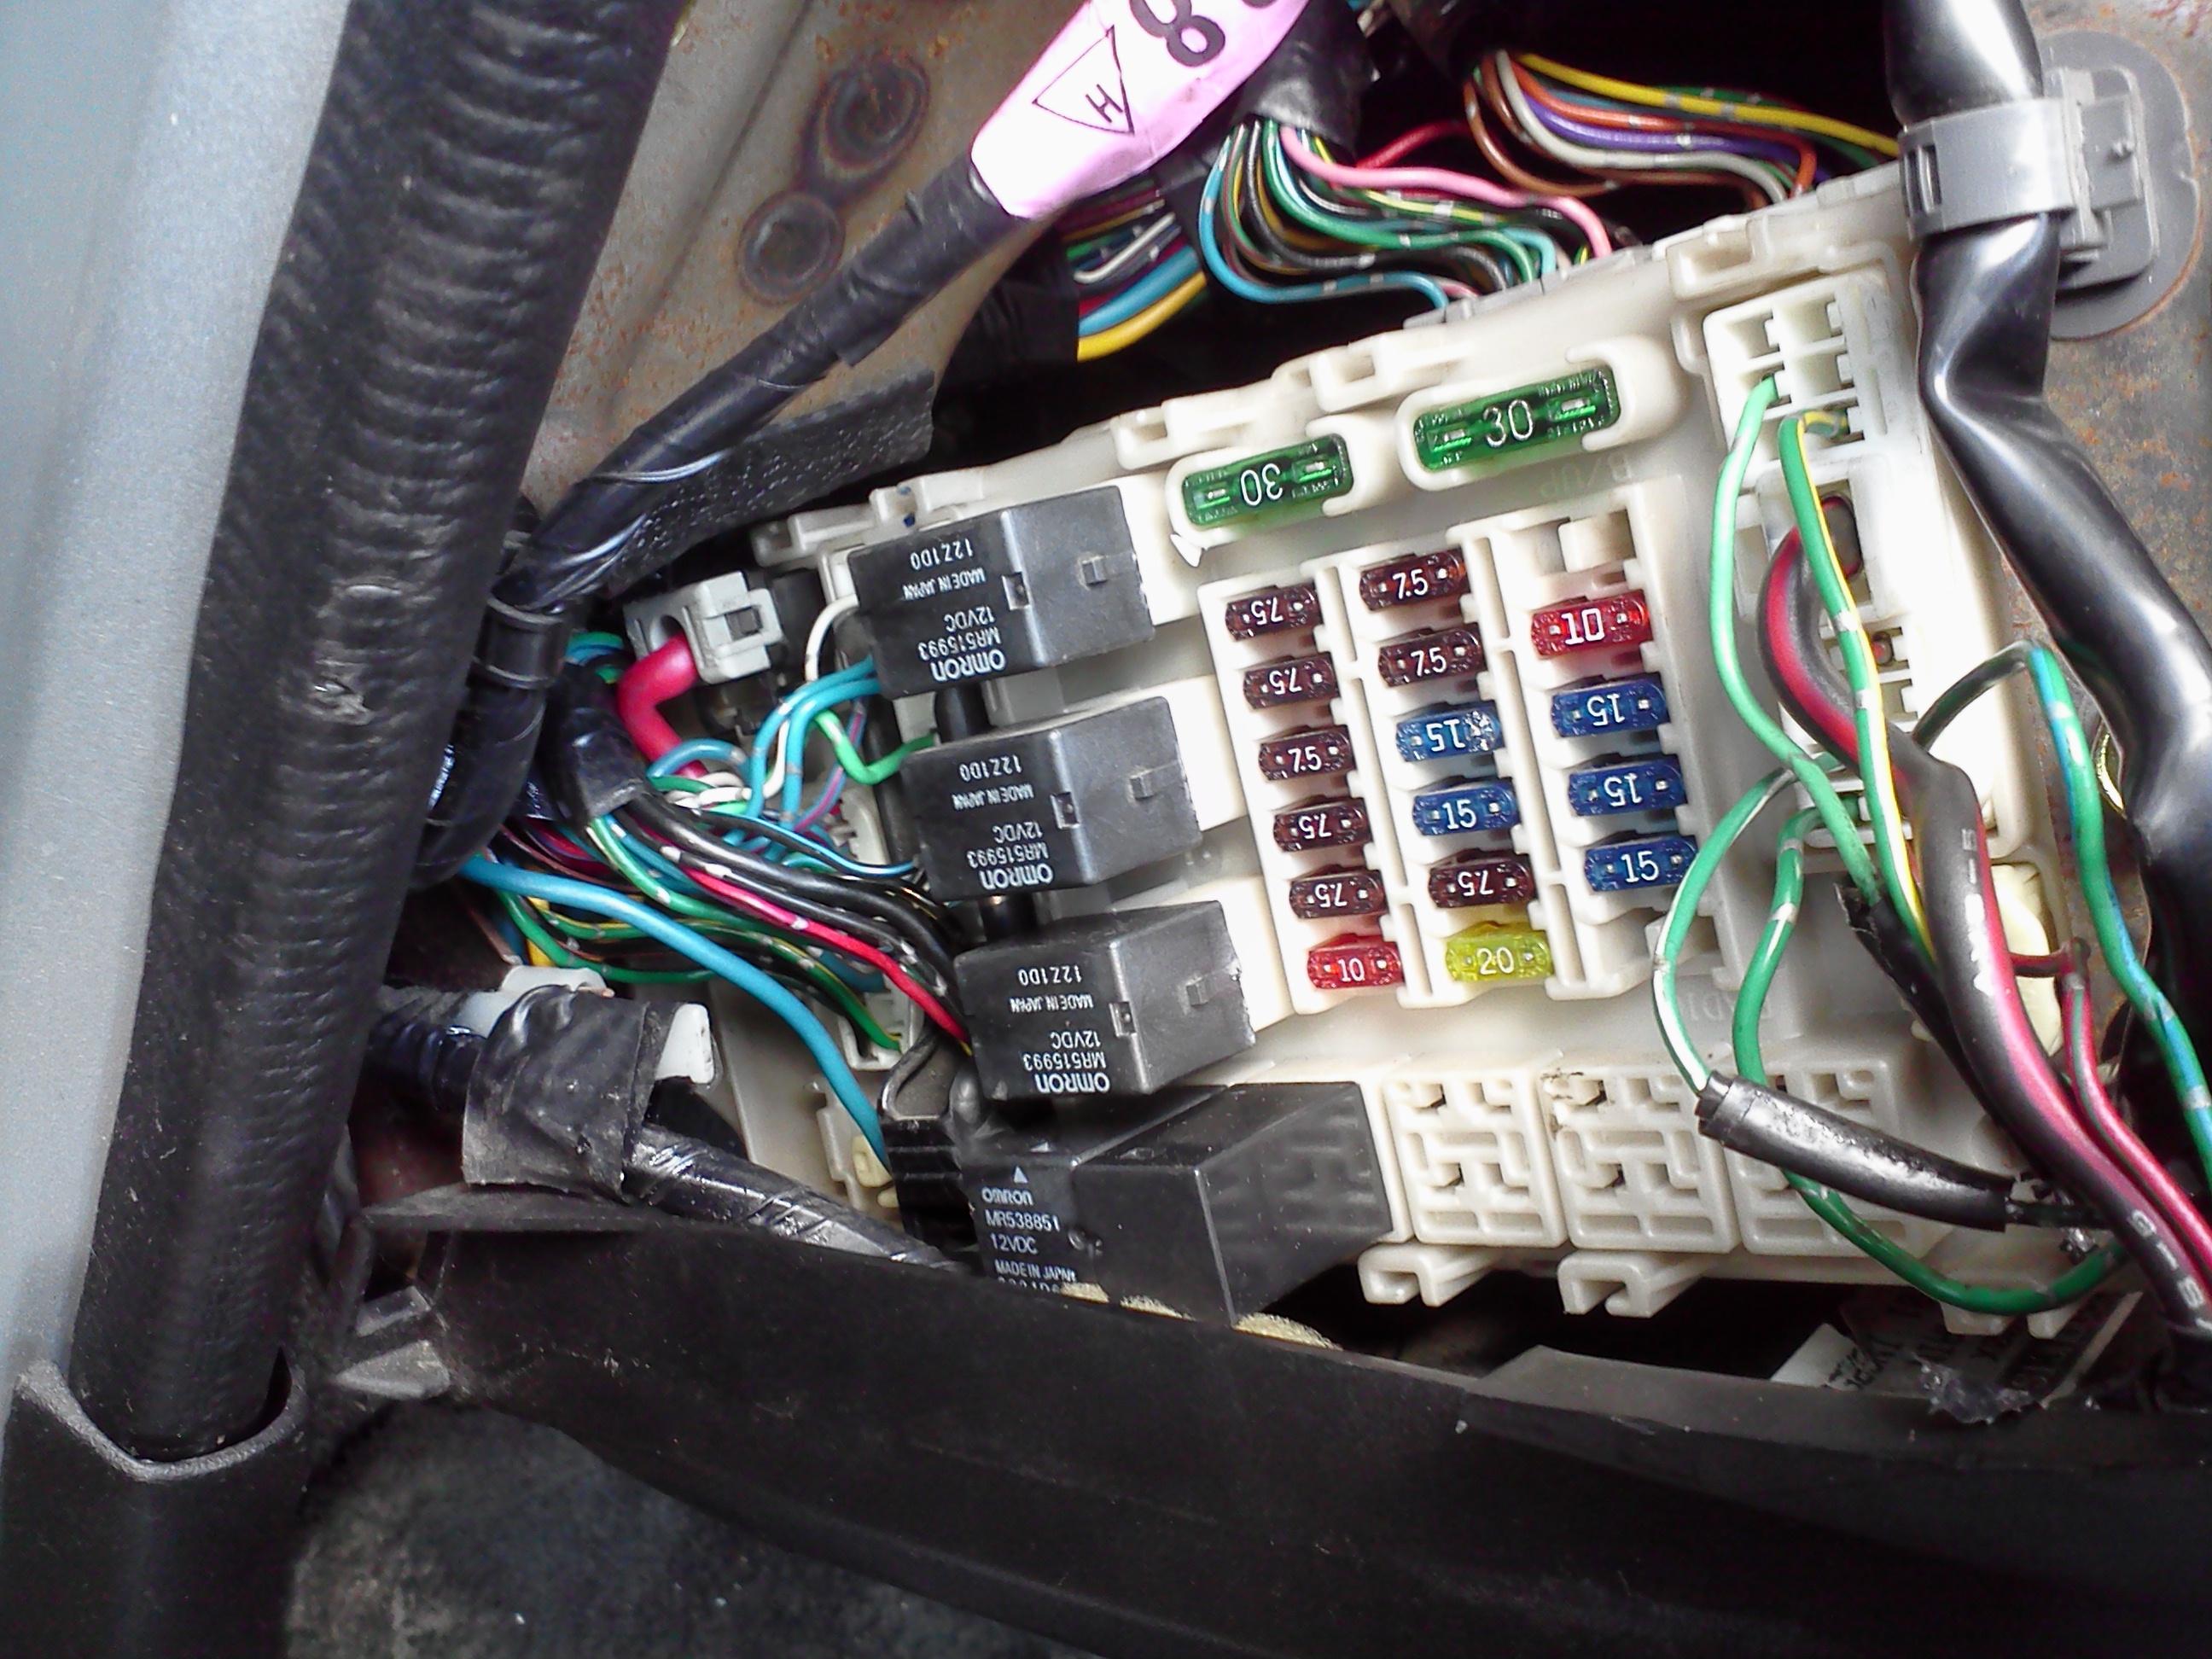 1996 mitsubishi mirage radio wiring diagram usb to rs232 pinout 1999 fuse box 2004 lancer